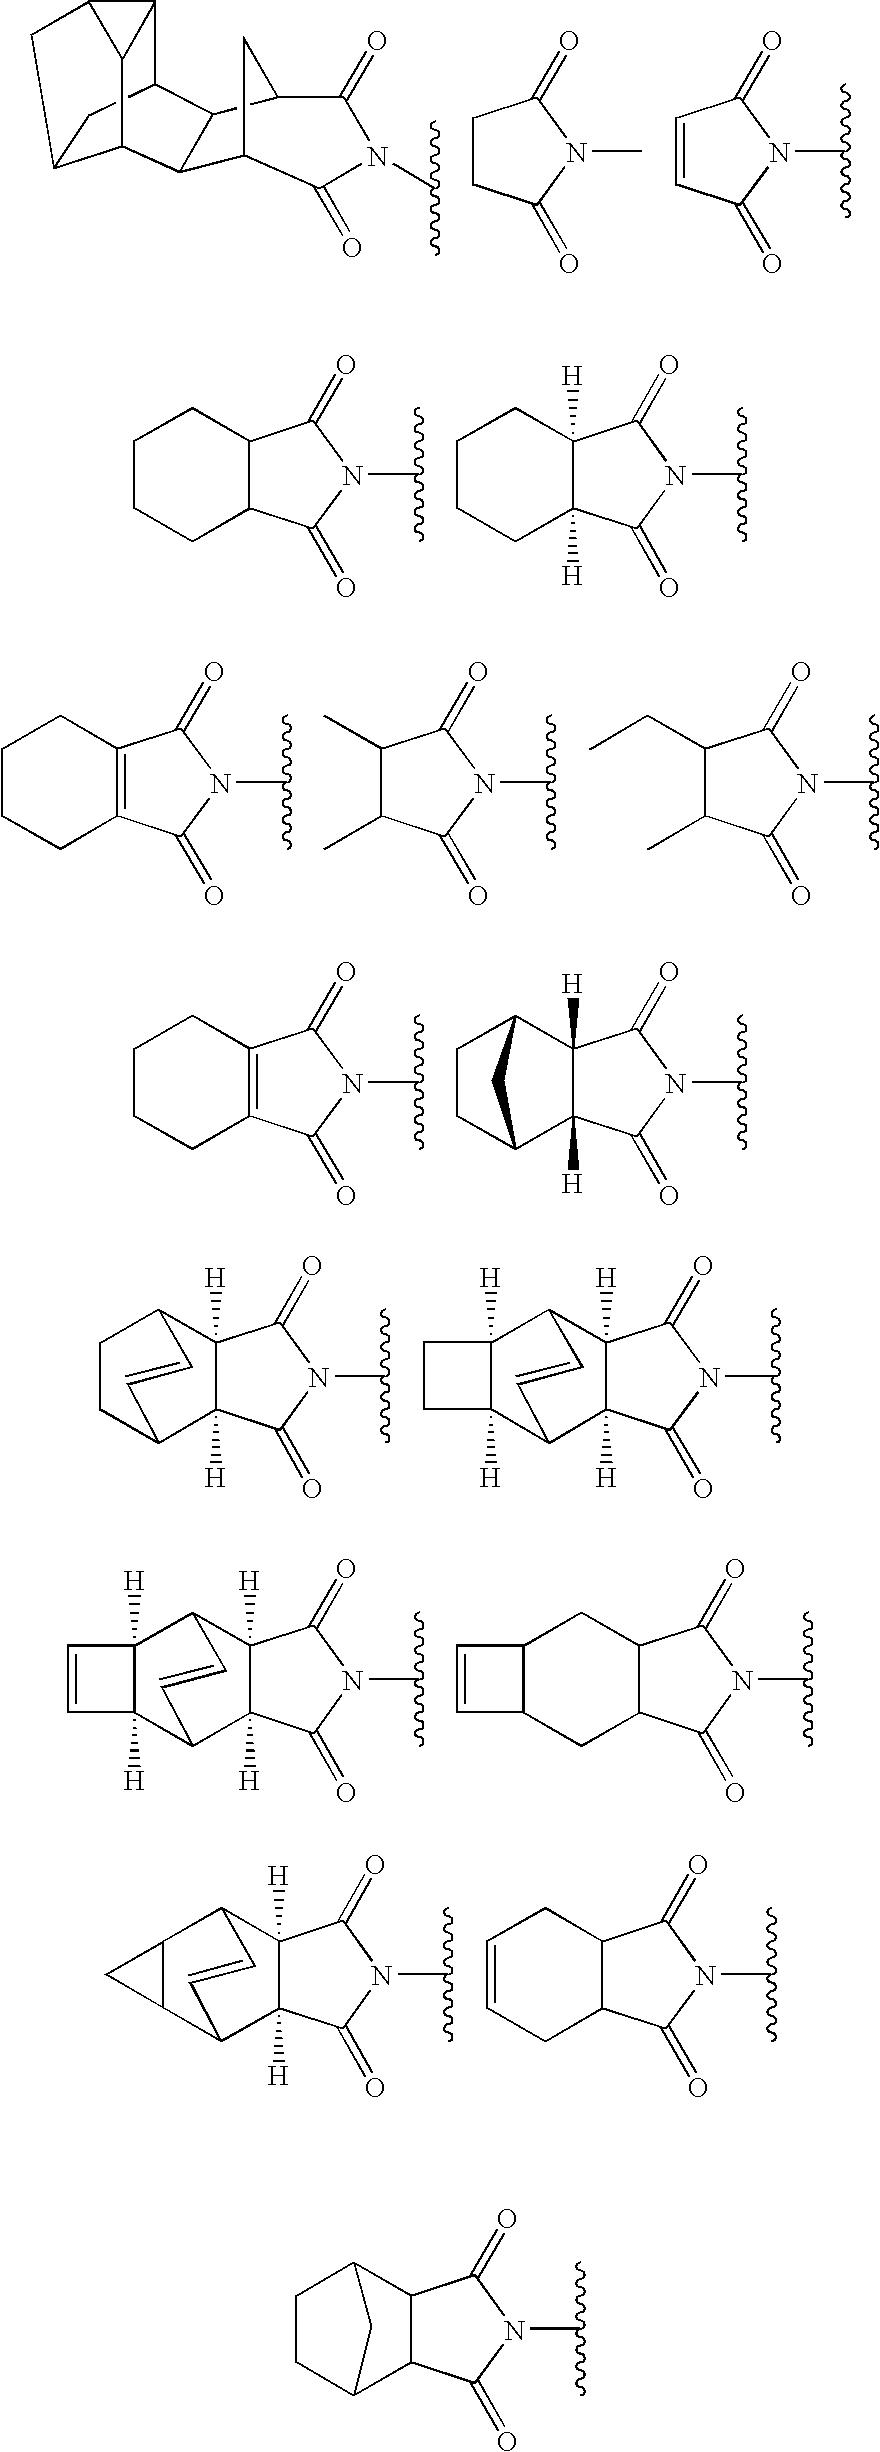 Figure US20100009983A1-20100114-C00029